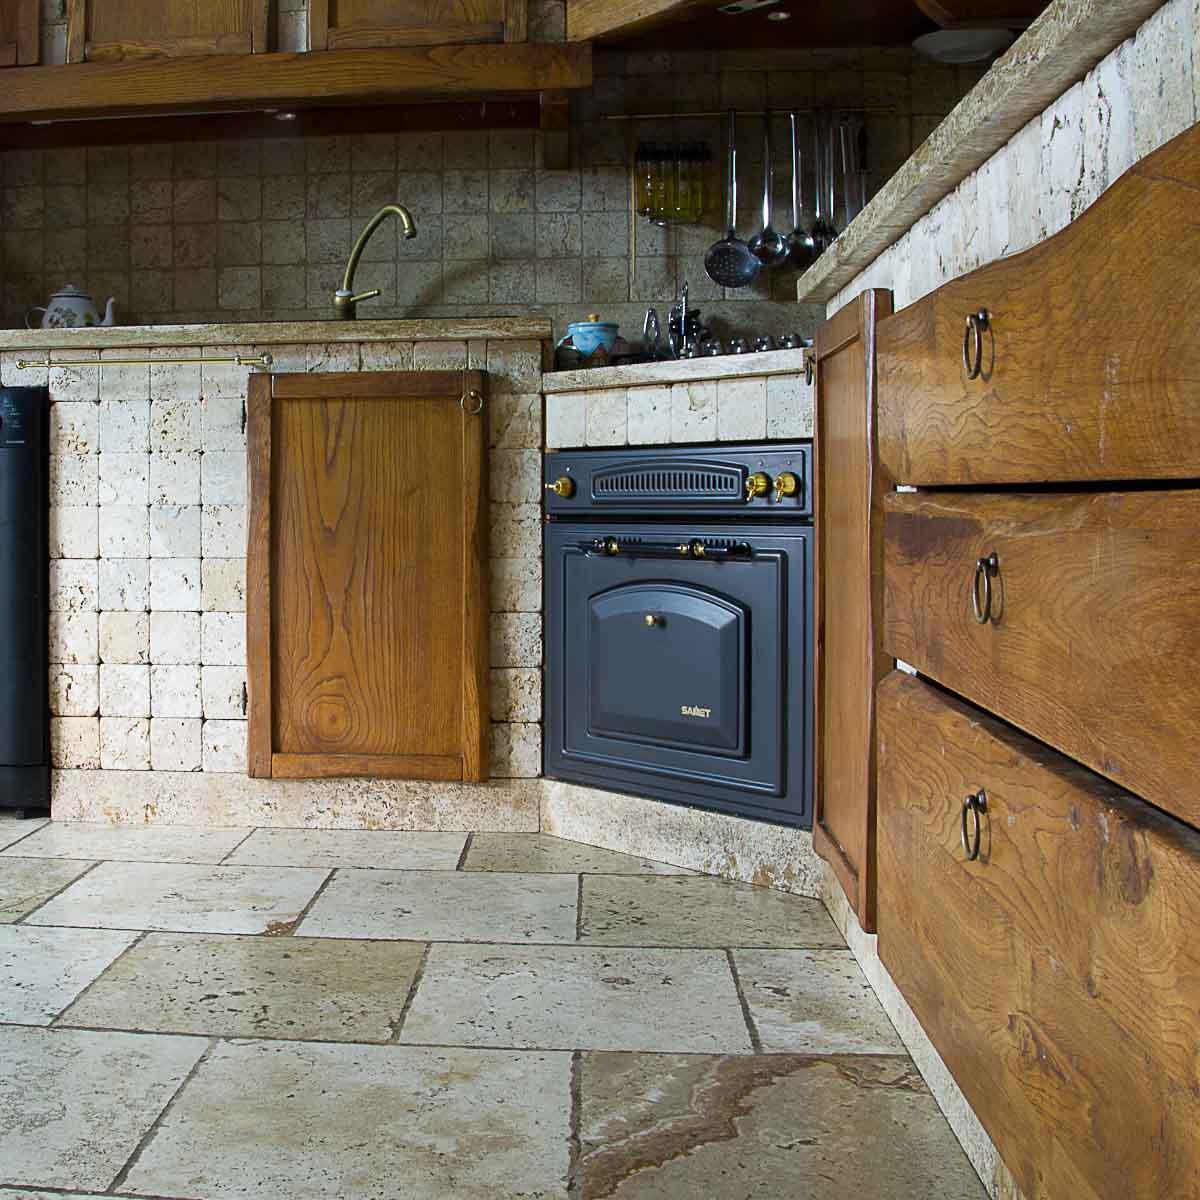 Cucina in muratura rivestita in travertino pietre di rapolano - Rivestimento cucina in muratura ...